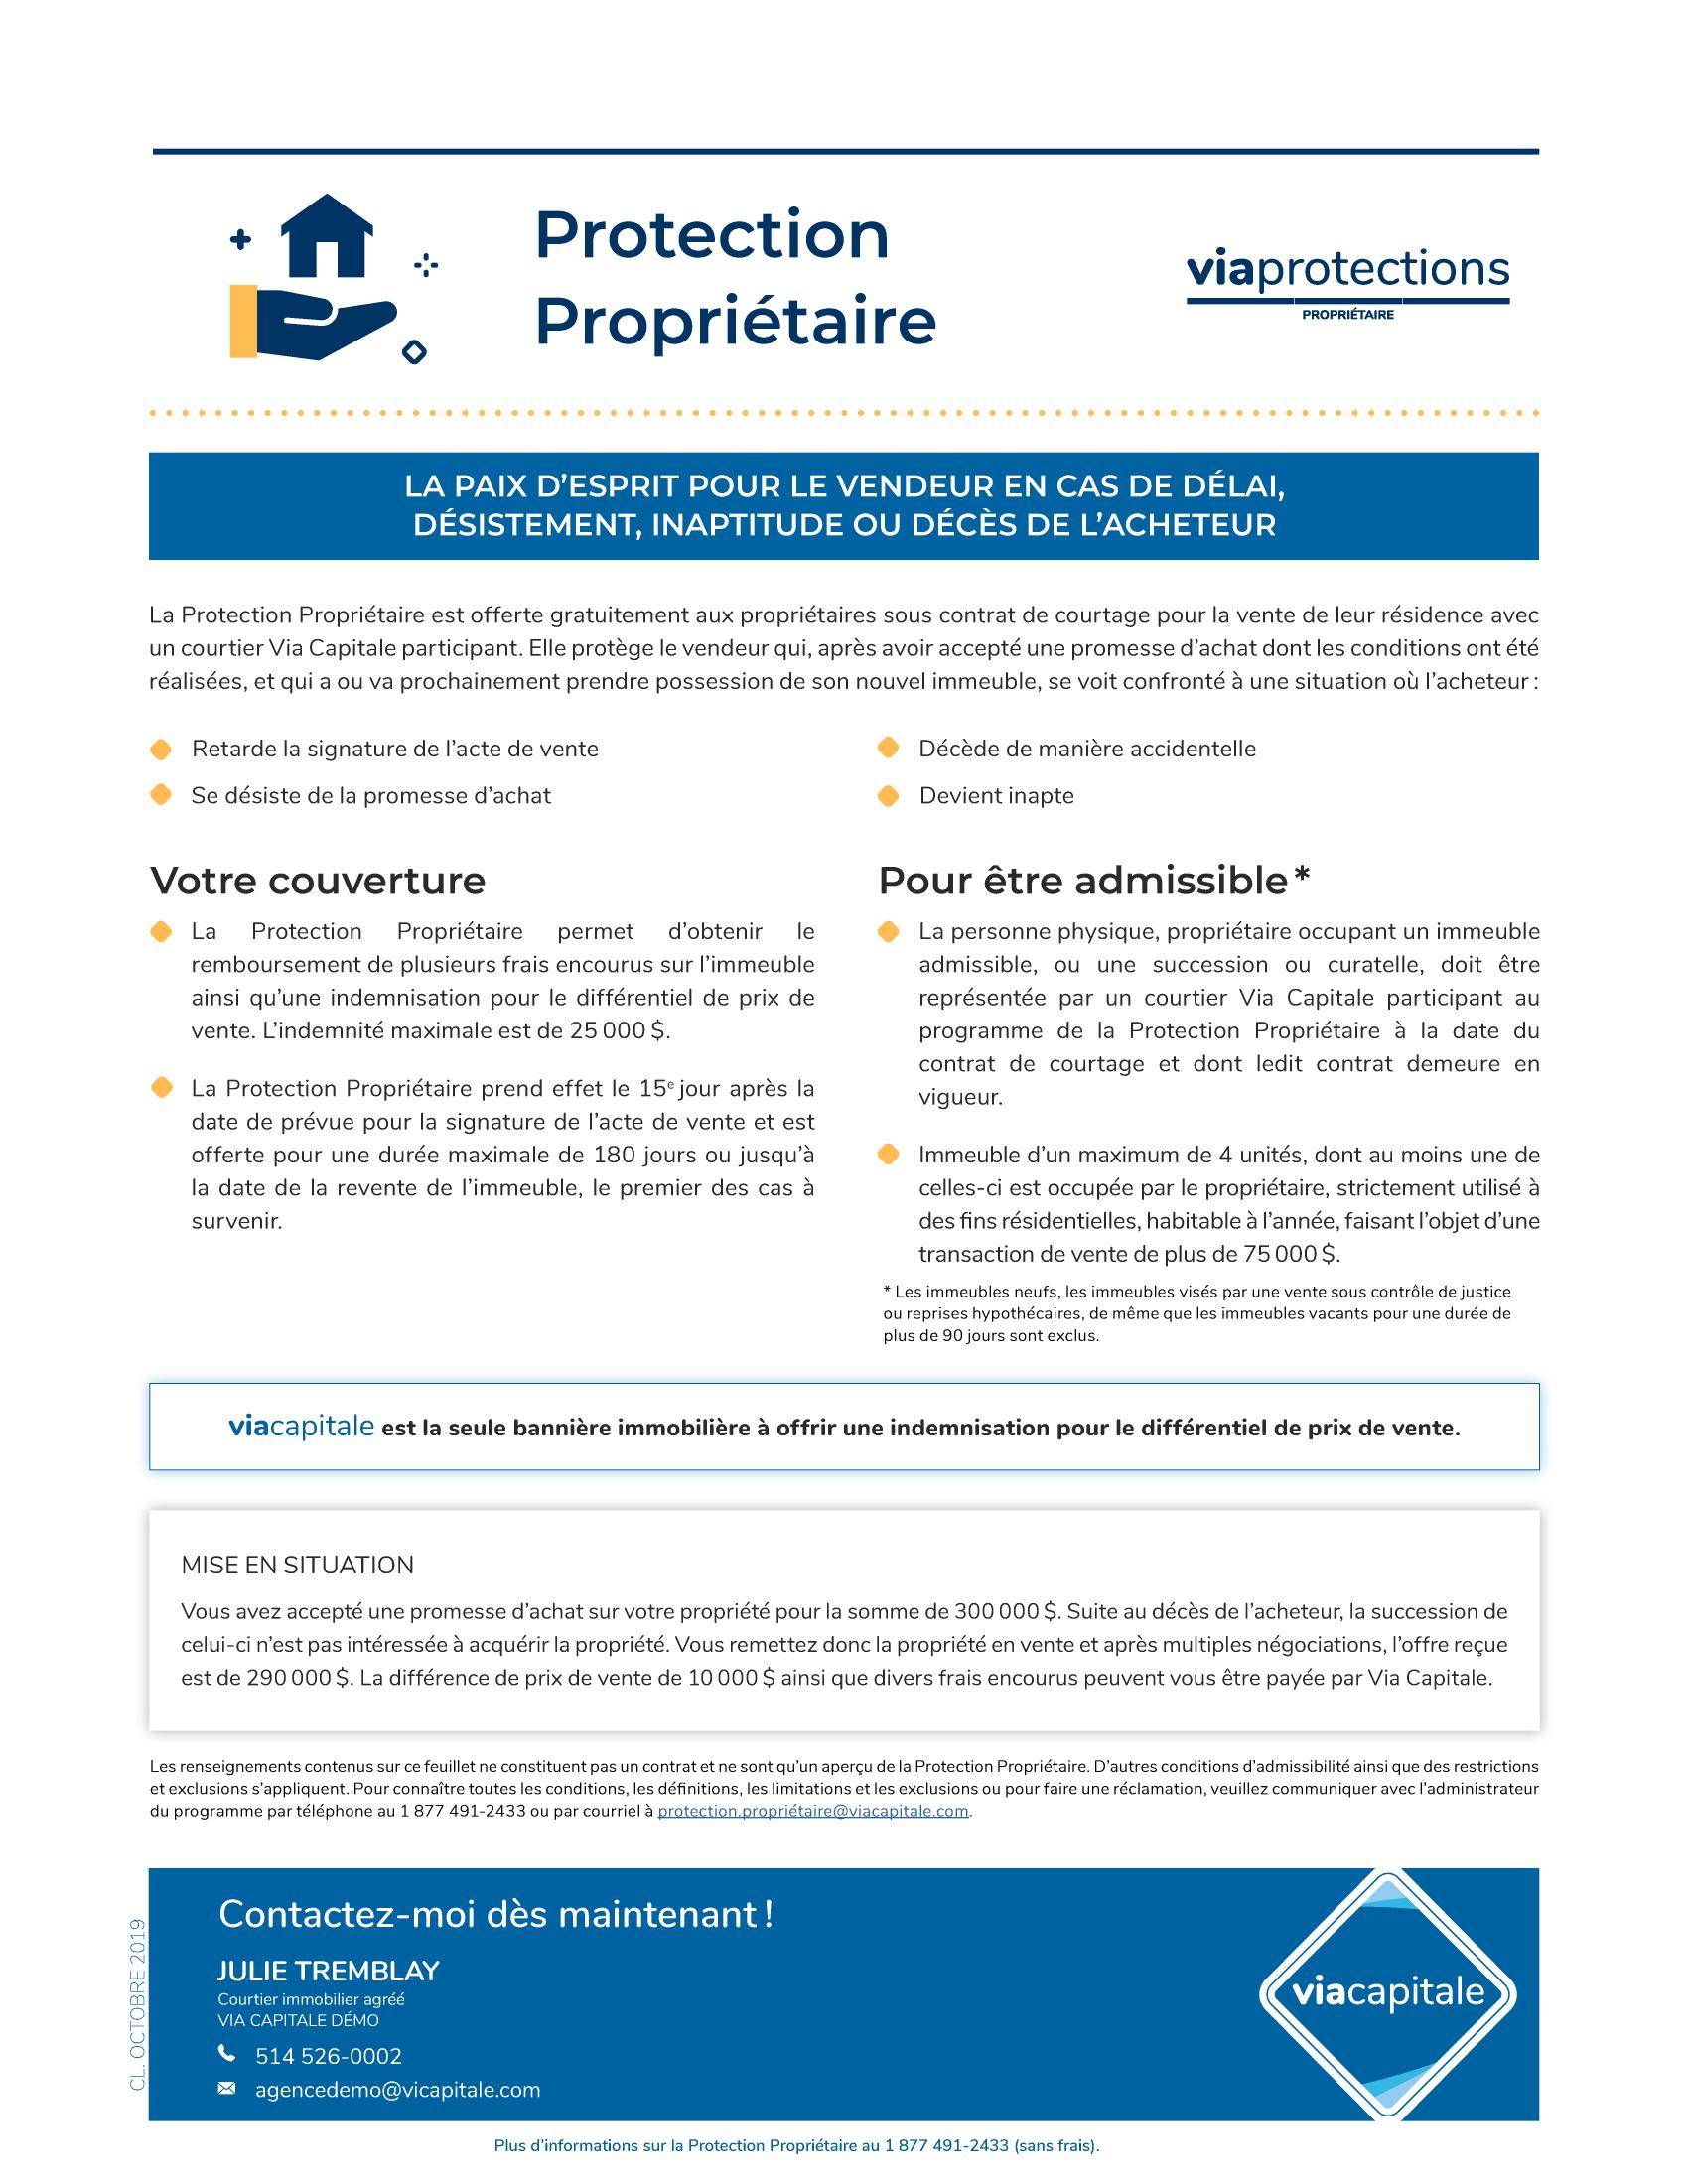 1 | Protections Propriétaire - SANS photo